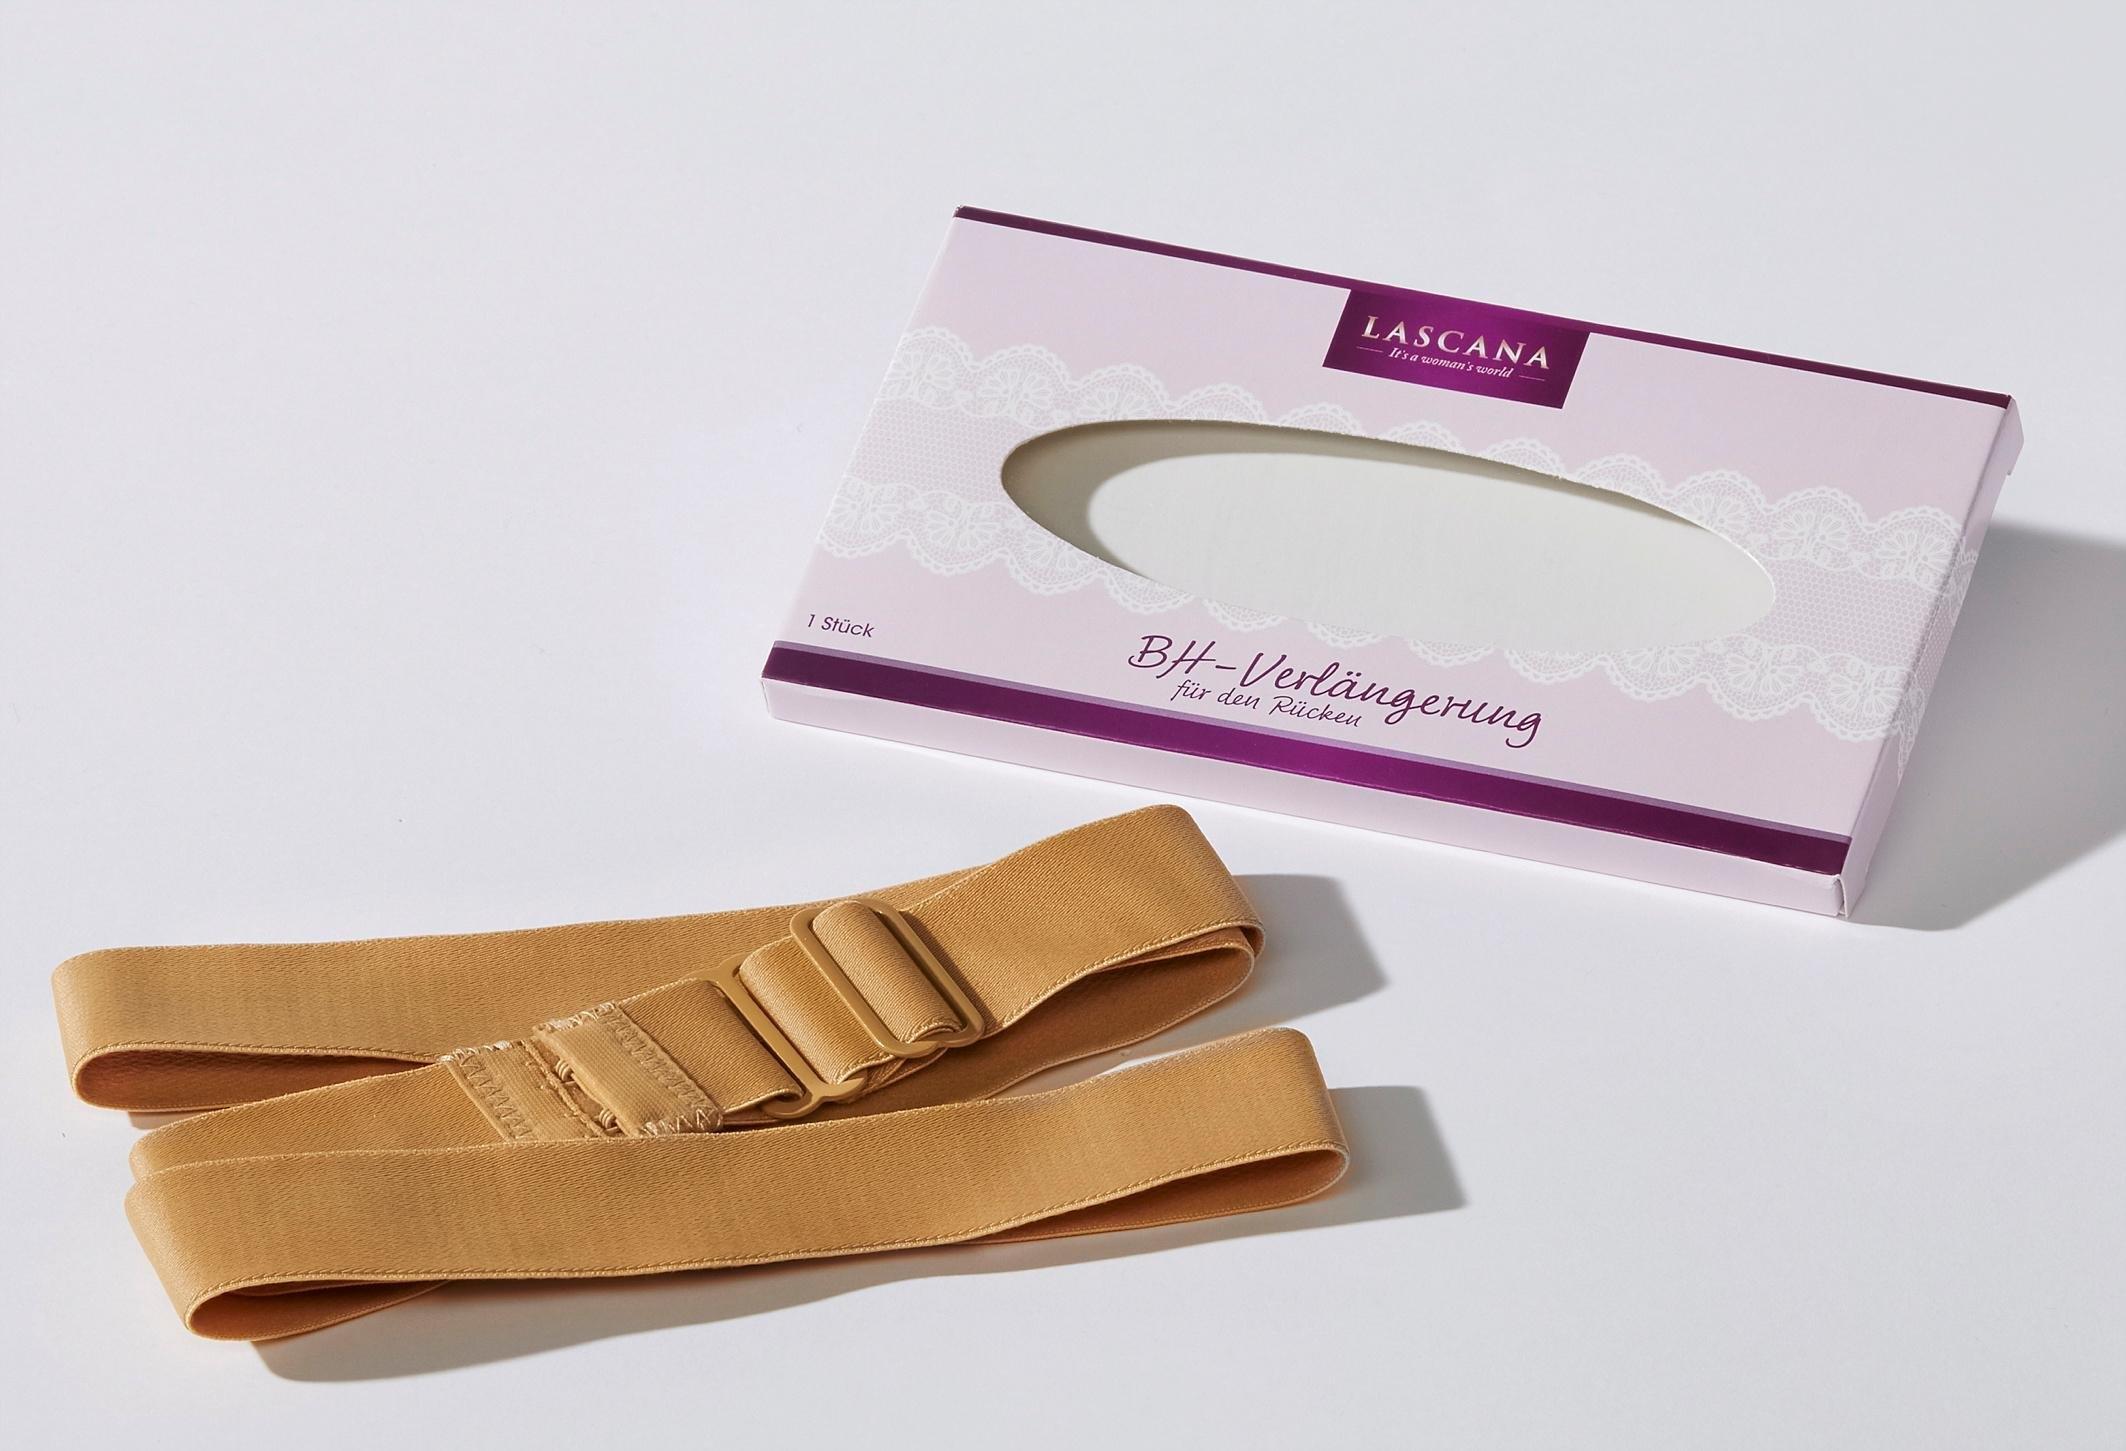 LASCANA beha-verlenging voor een diepe ruglijn goedkoop op lascana.nl kopen